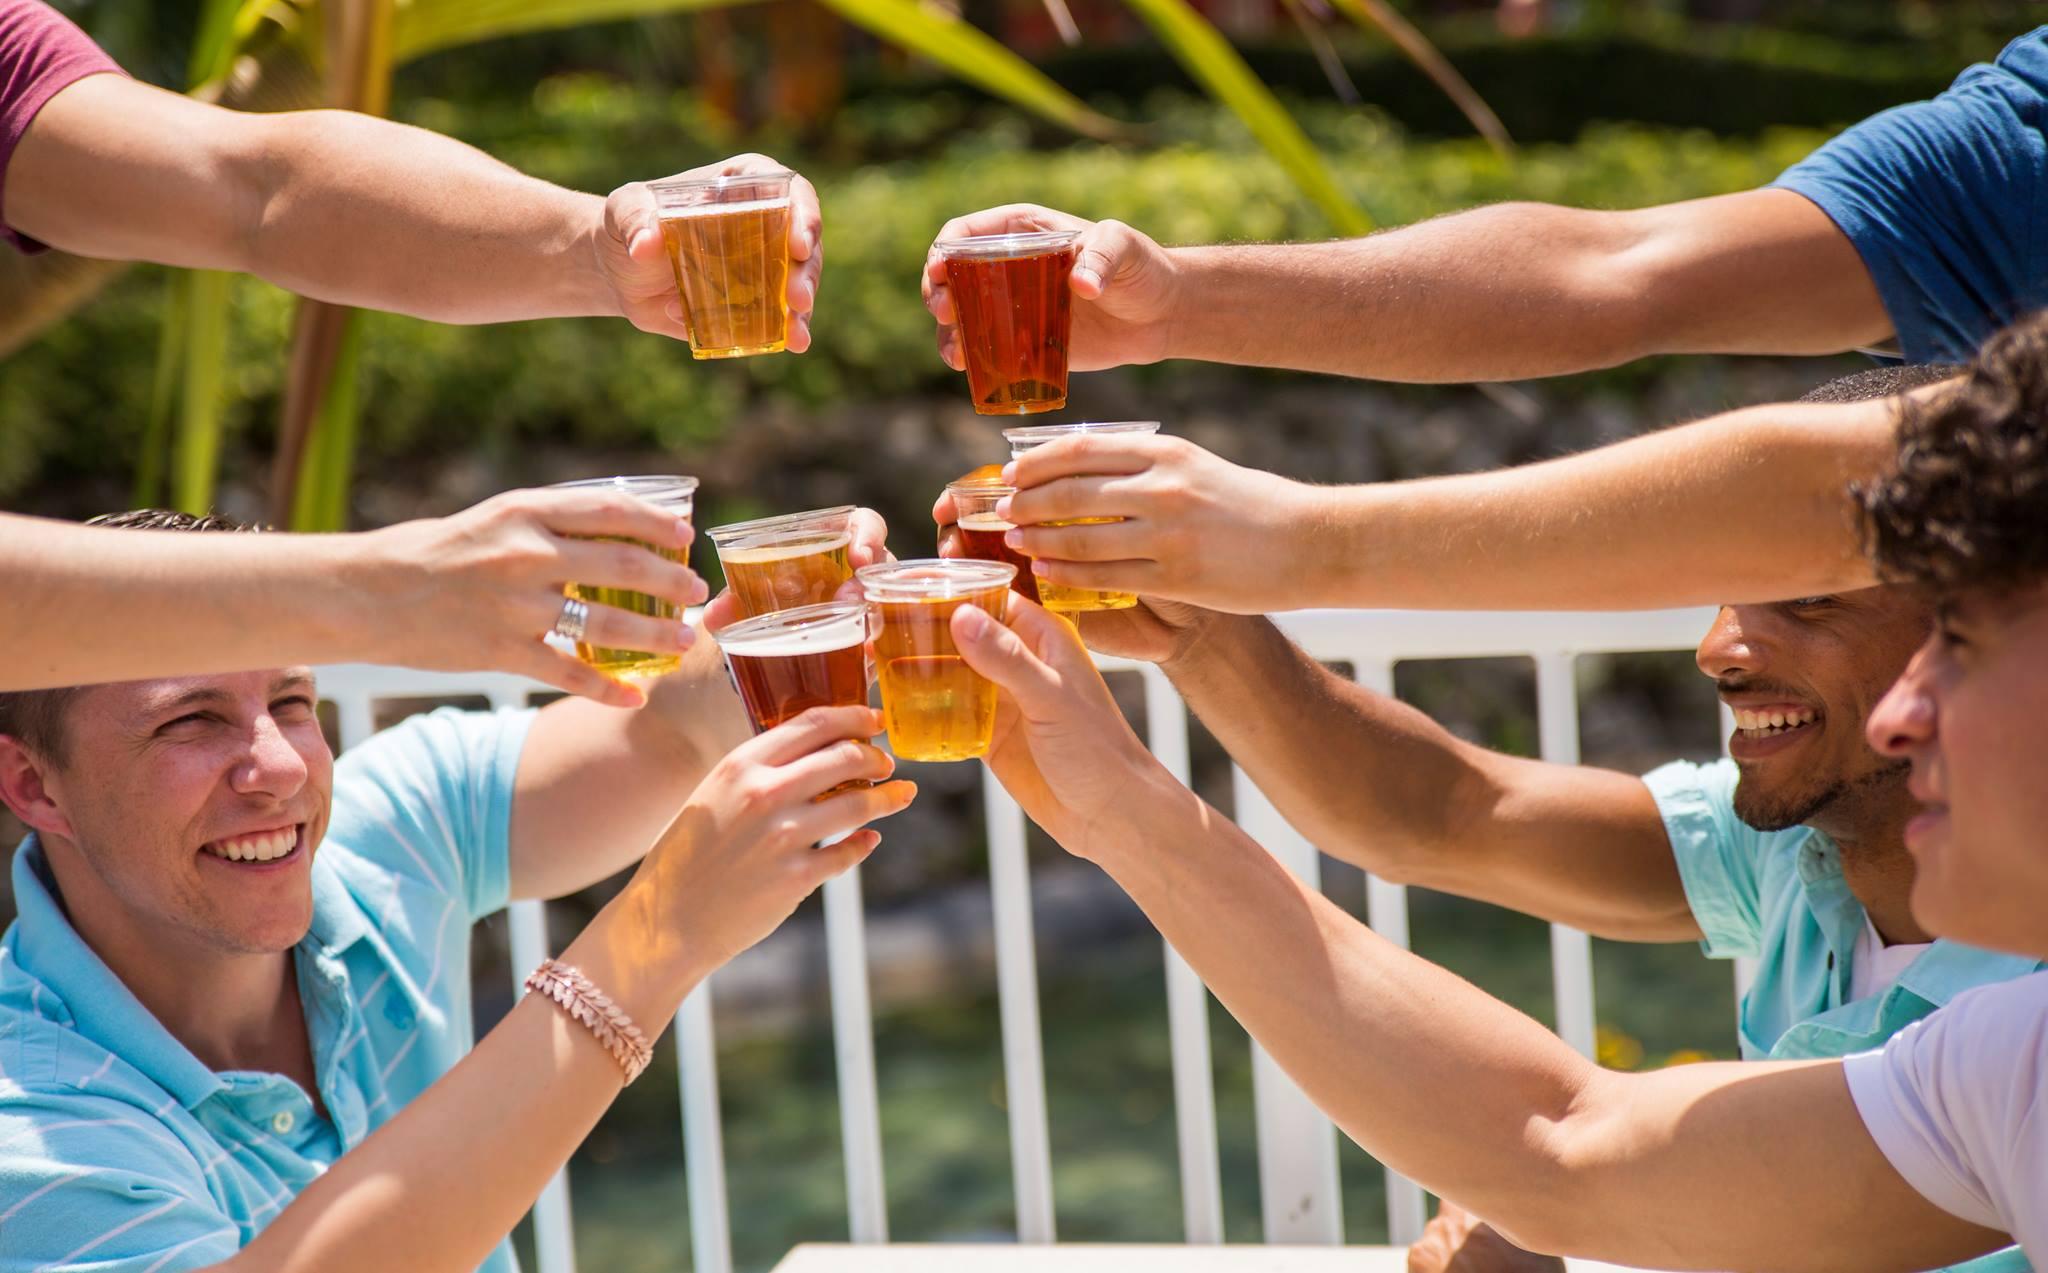 busch gardens tampa bay bier fest beer